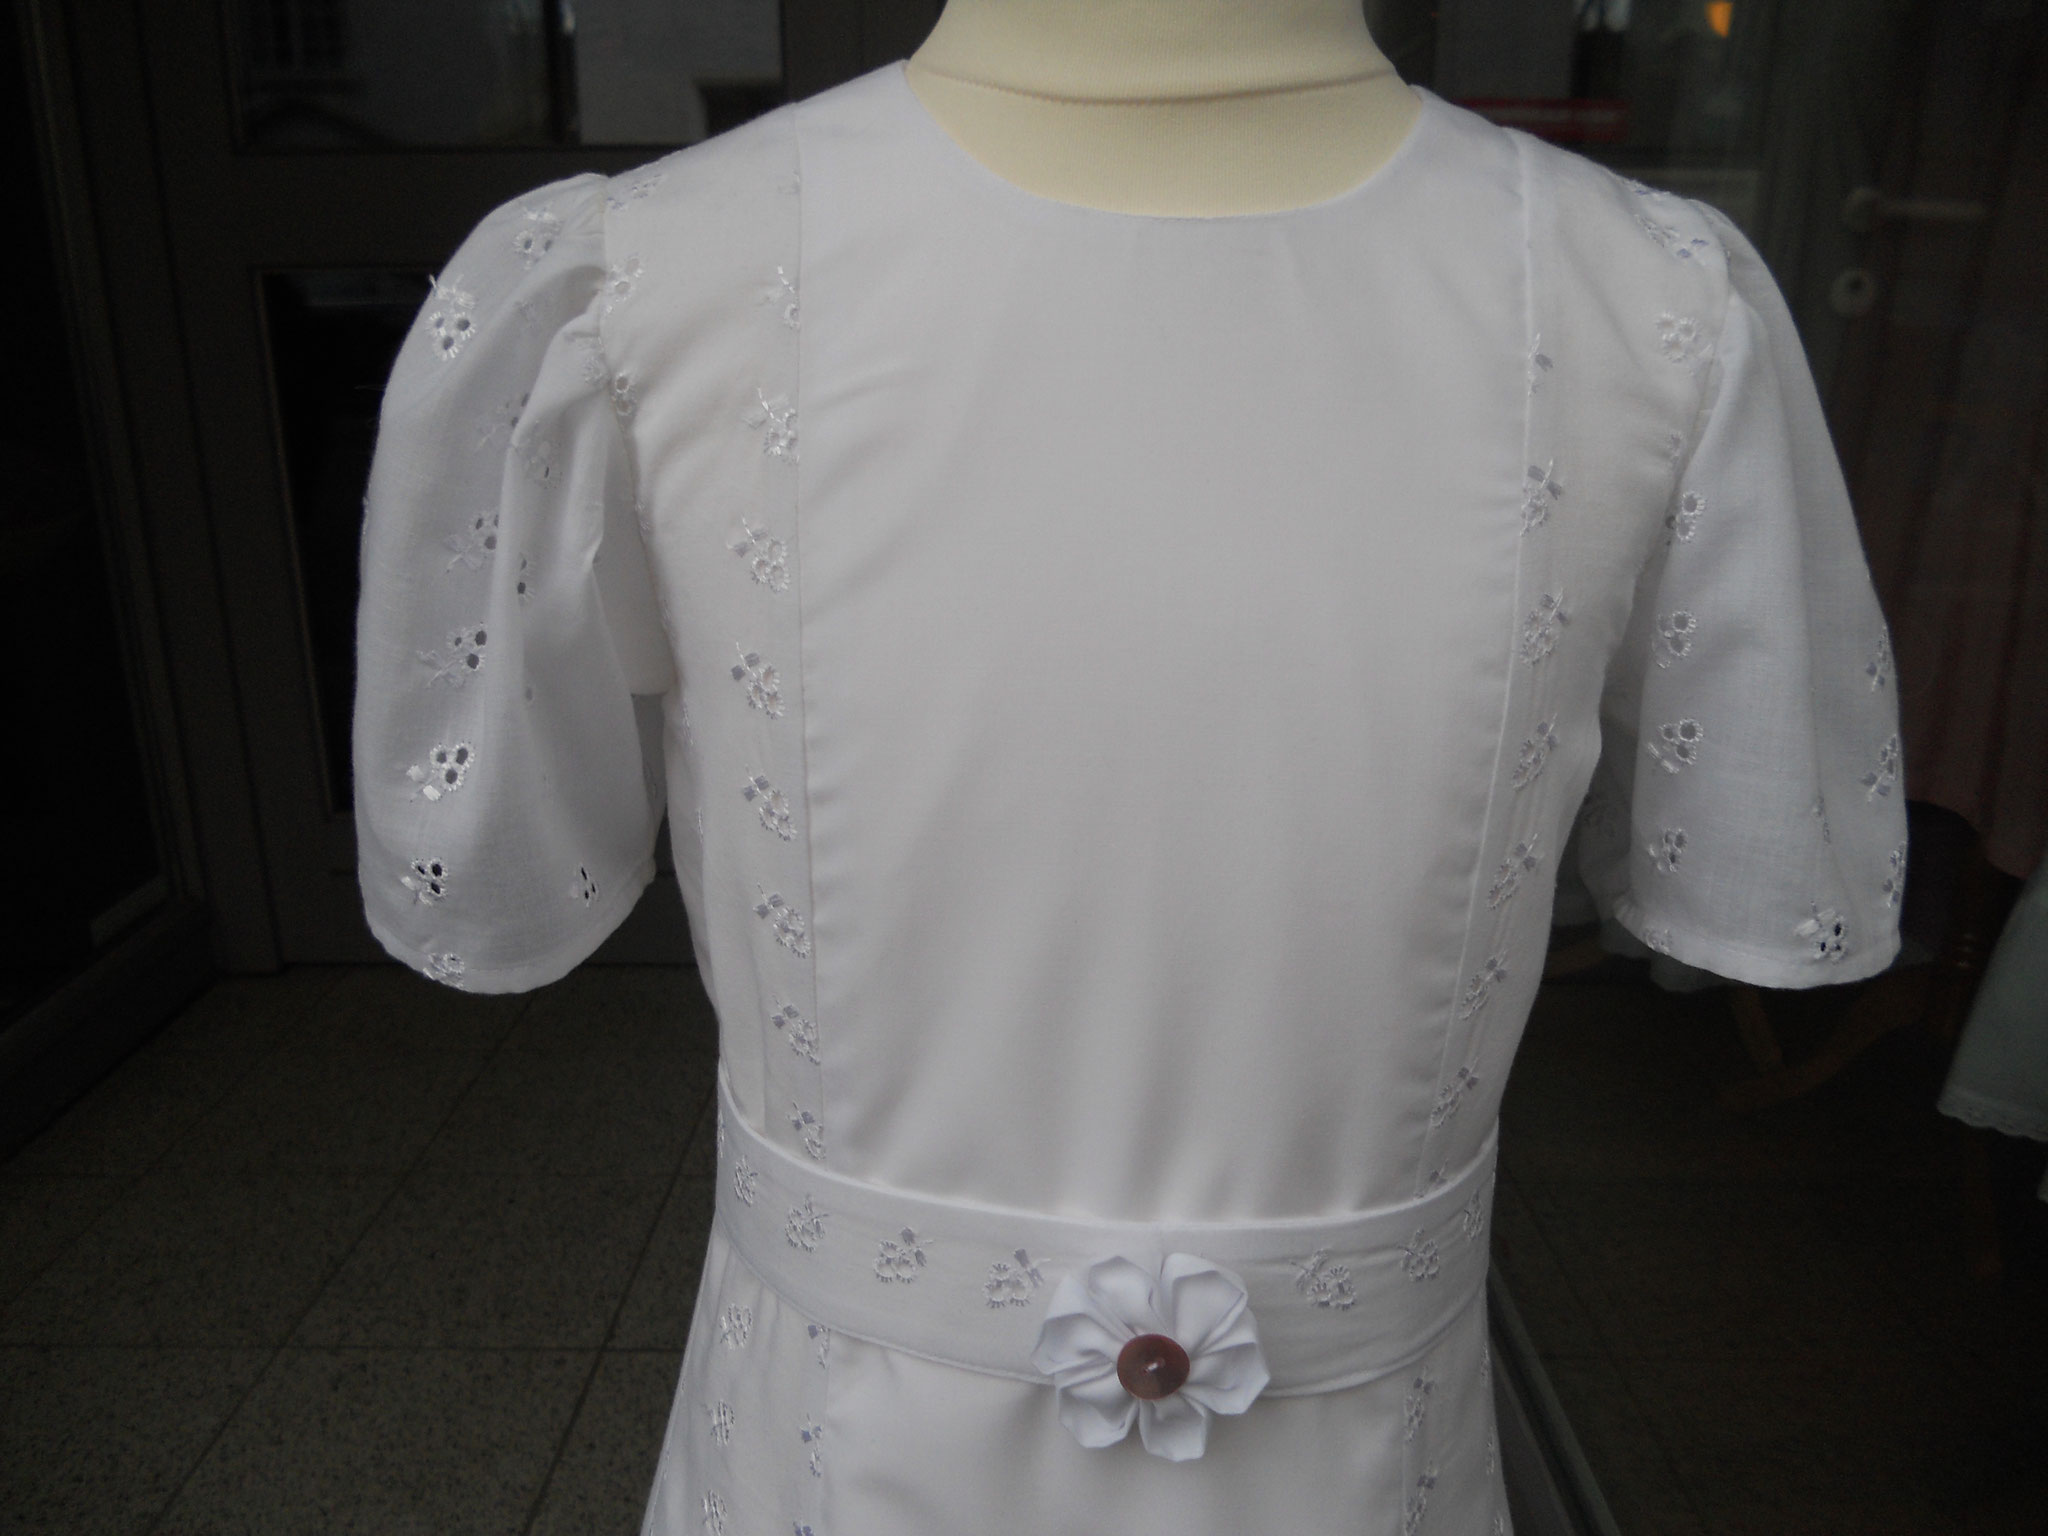 festliches Kleid, Kommunionkleid, Gr. 122, Gürtel in der Mitte versteift, Blume abnehmbar, 98 €